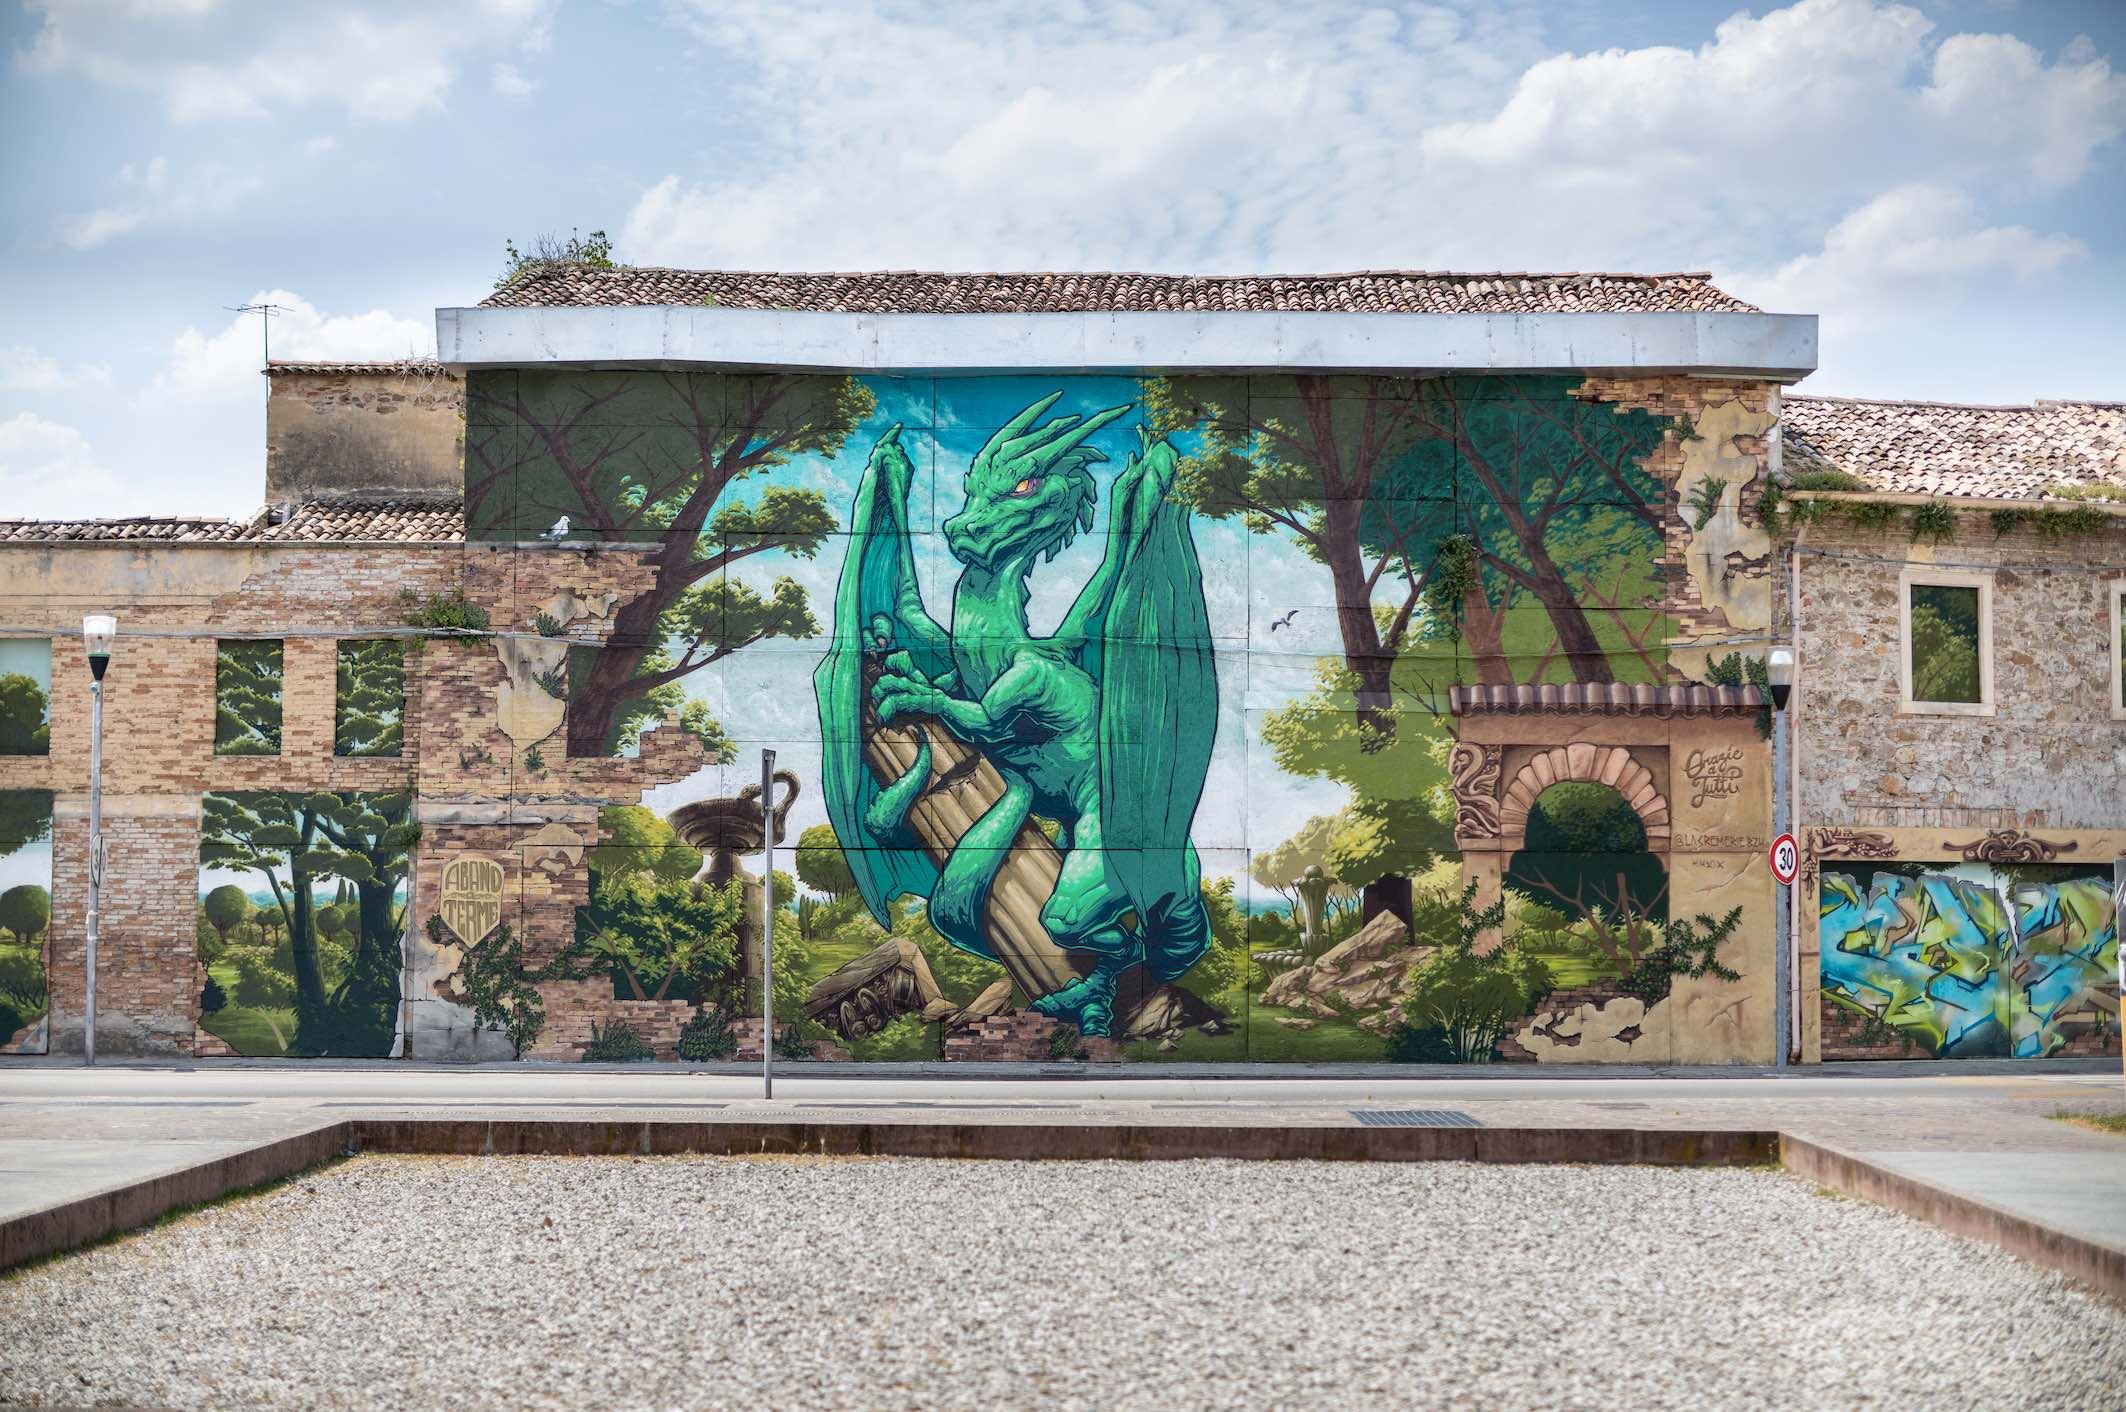 Torna Super Walls, la Biennale di Street Art che colora Padova e la sua provincia